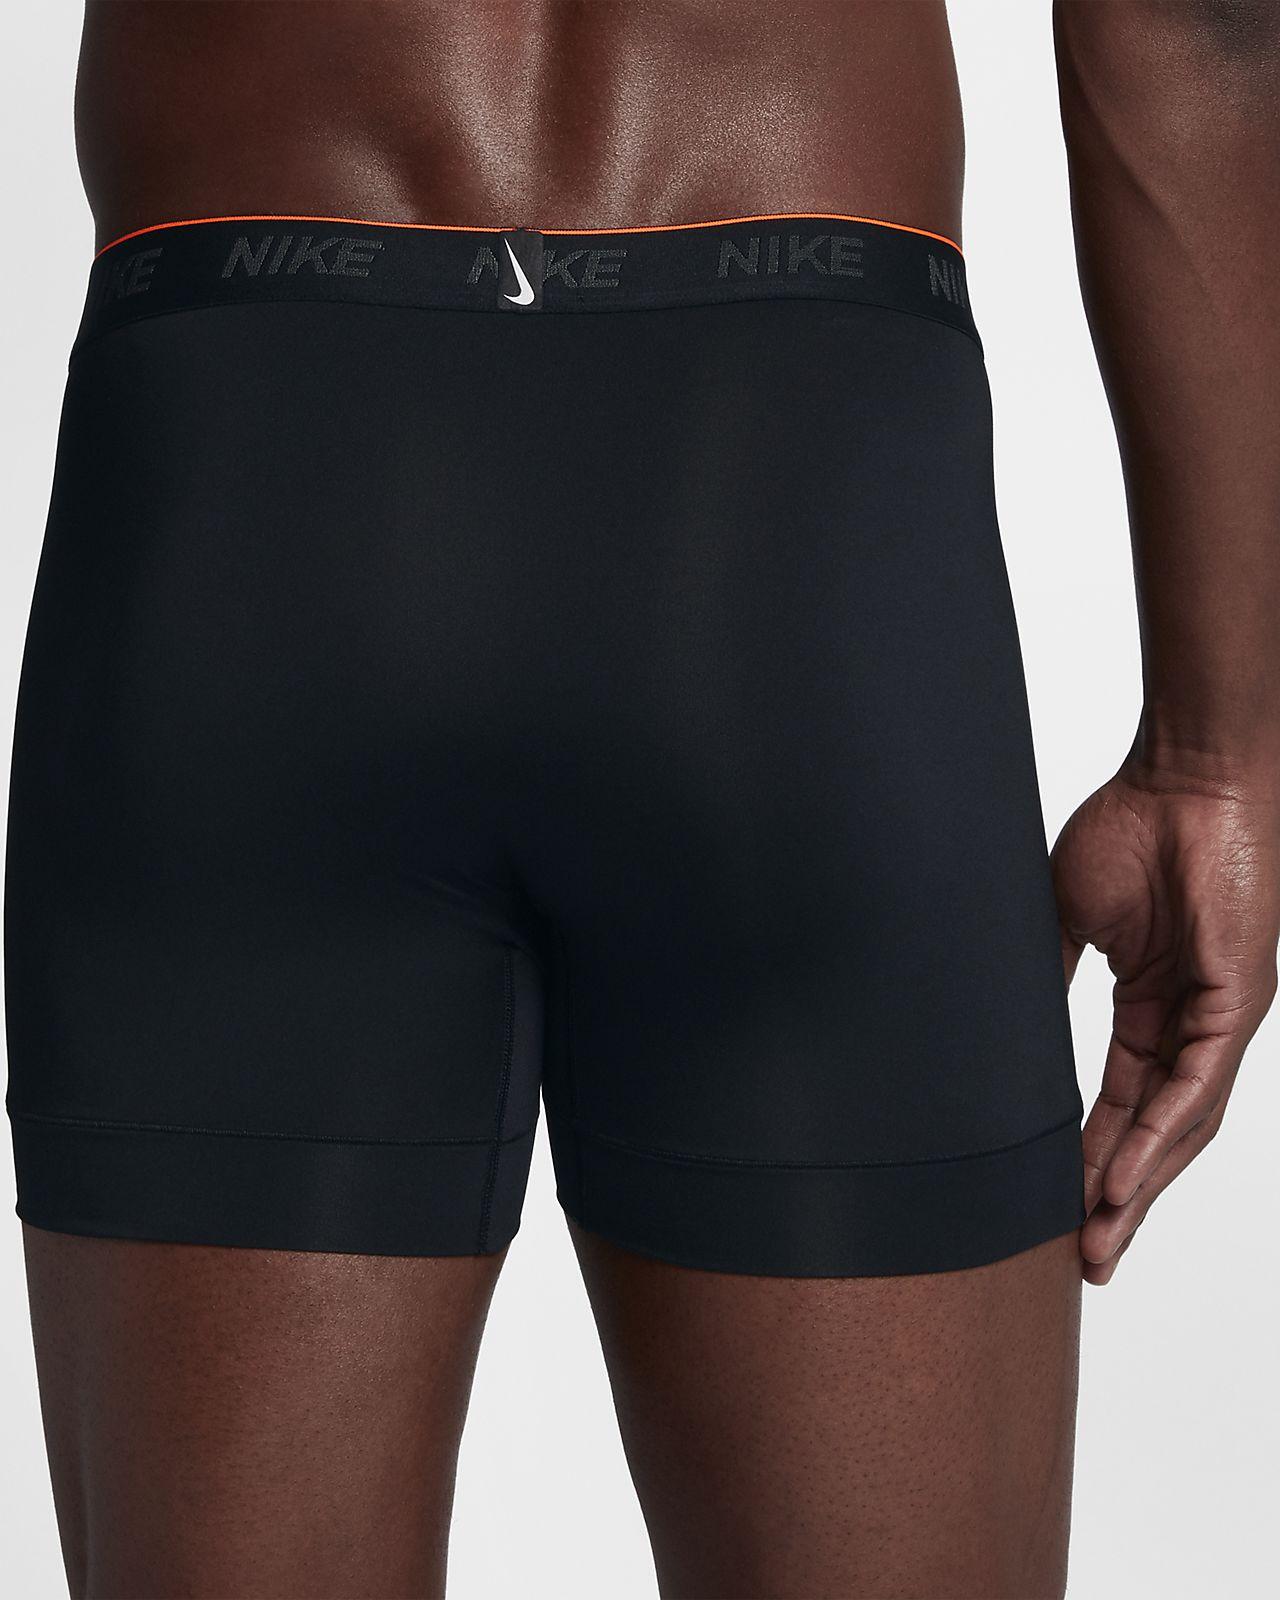 Men's Underwear2 Nike Men's Nike Pairs 9bD2HYeWEI